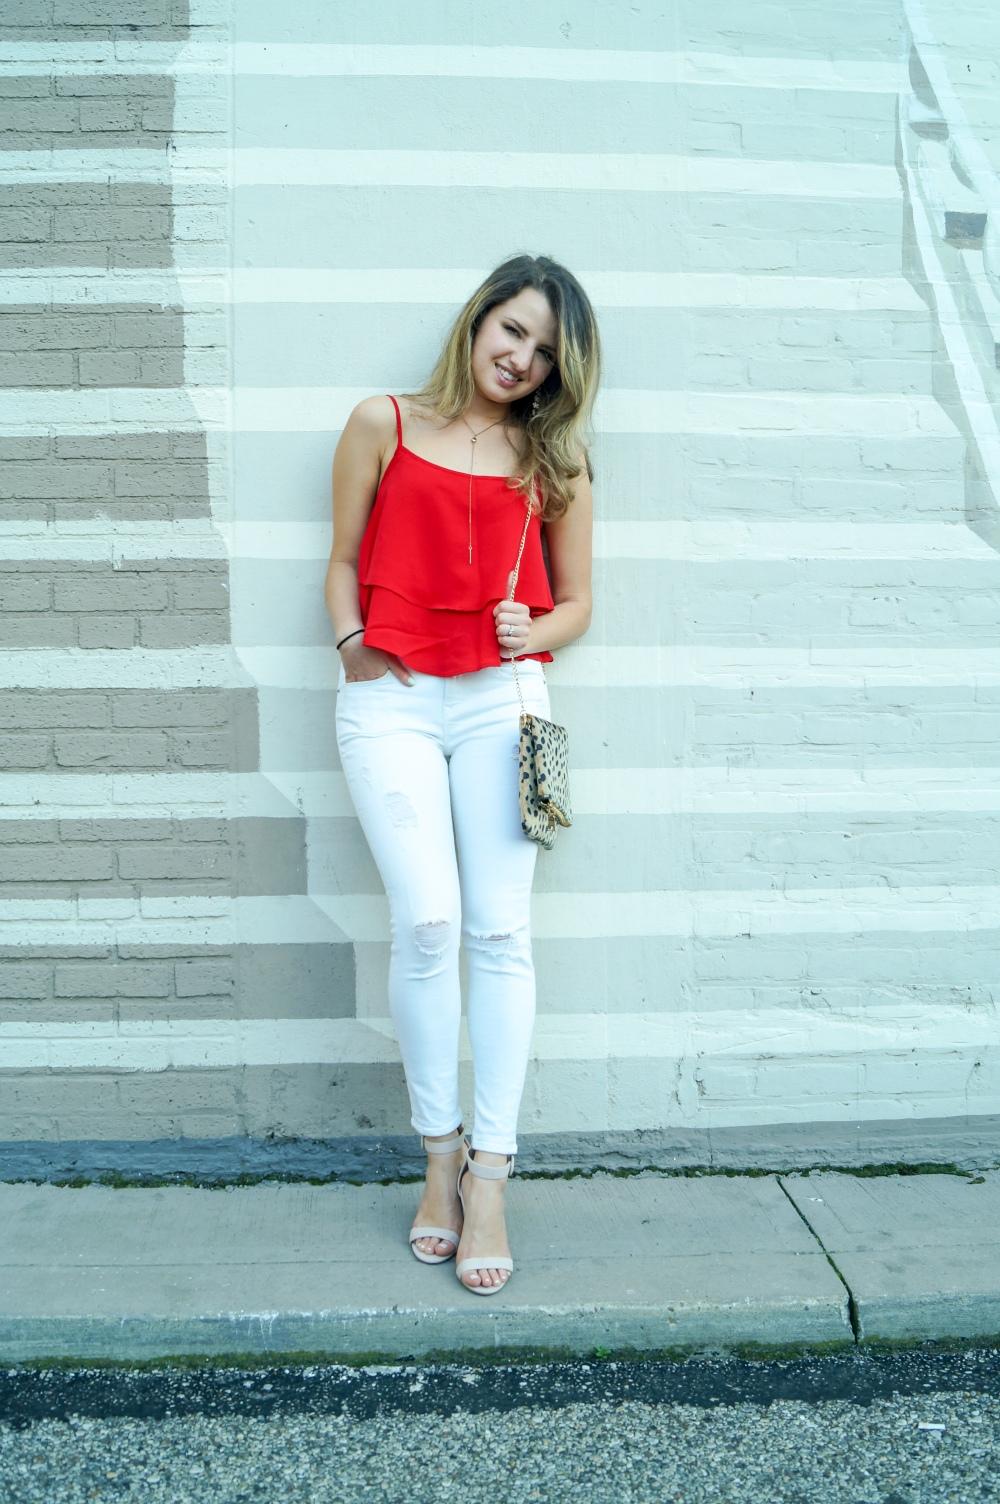 SheIn Tank, White Jeans, Cheetah Clutch